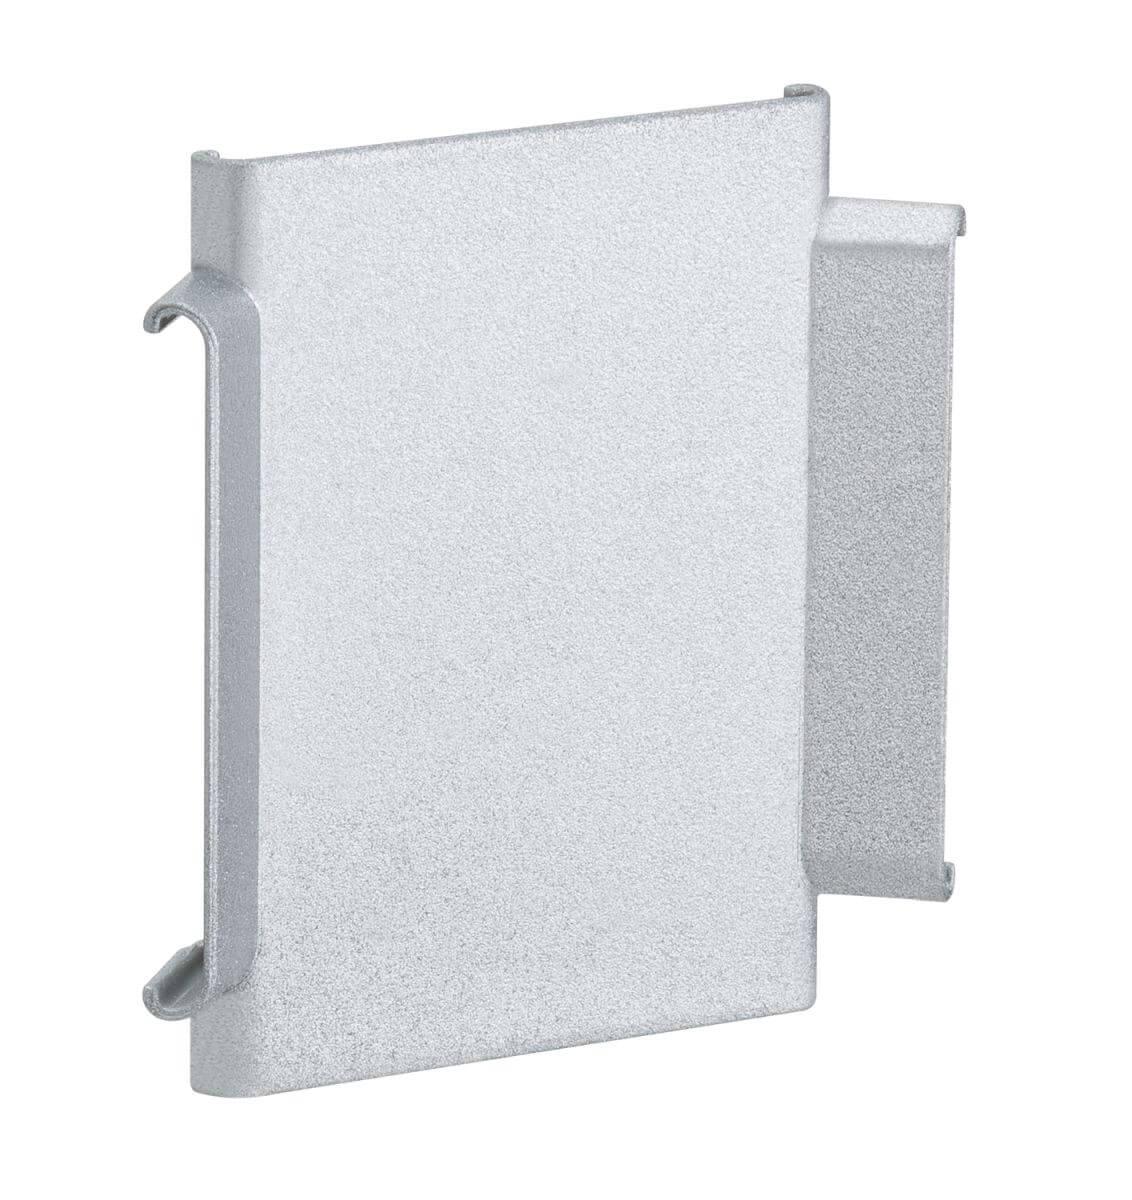 PaulmannDuo Profil X-Cover, 2er Pack, Grau, Kunststoff